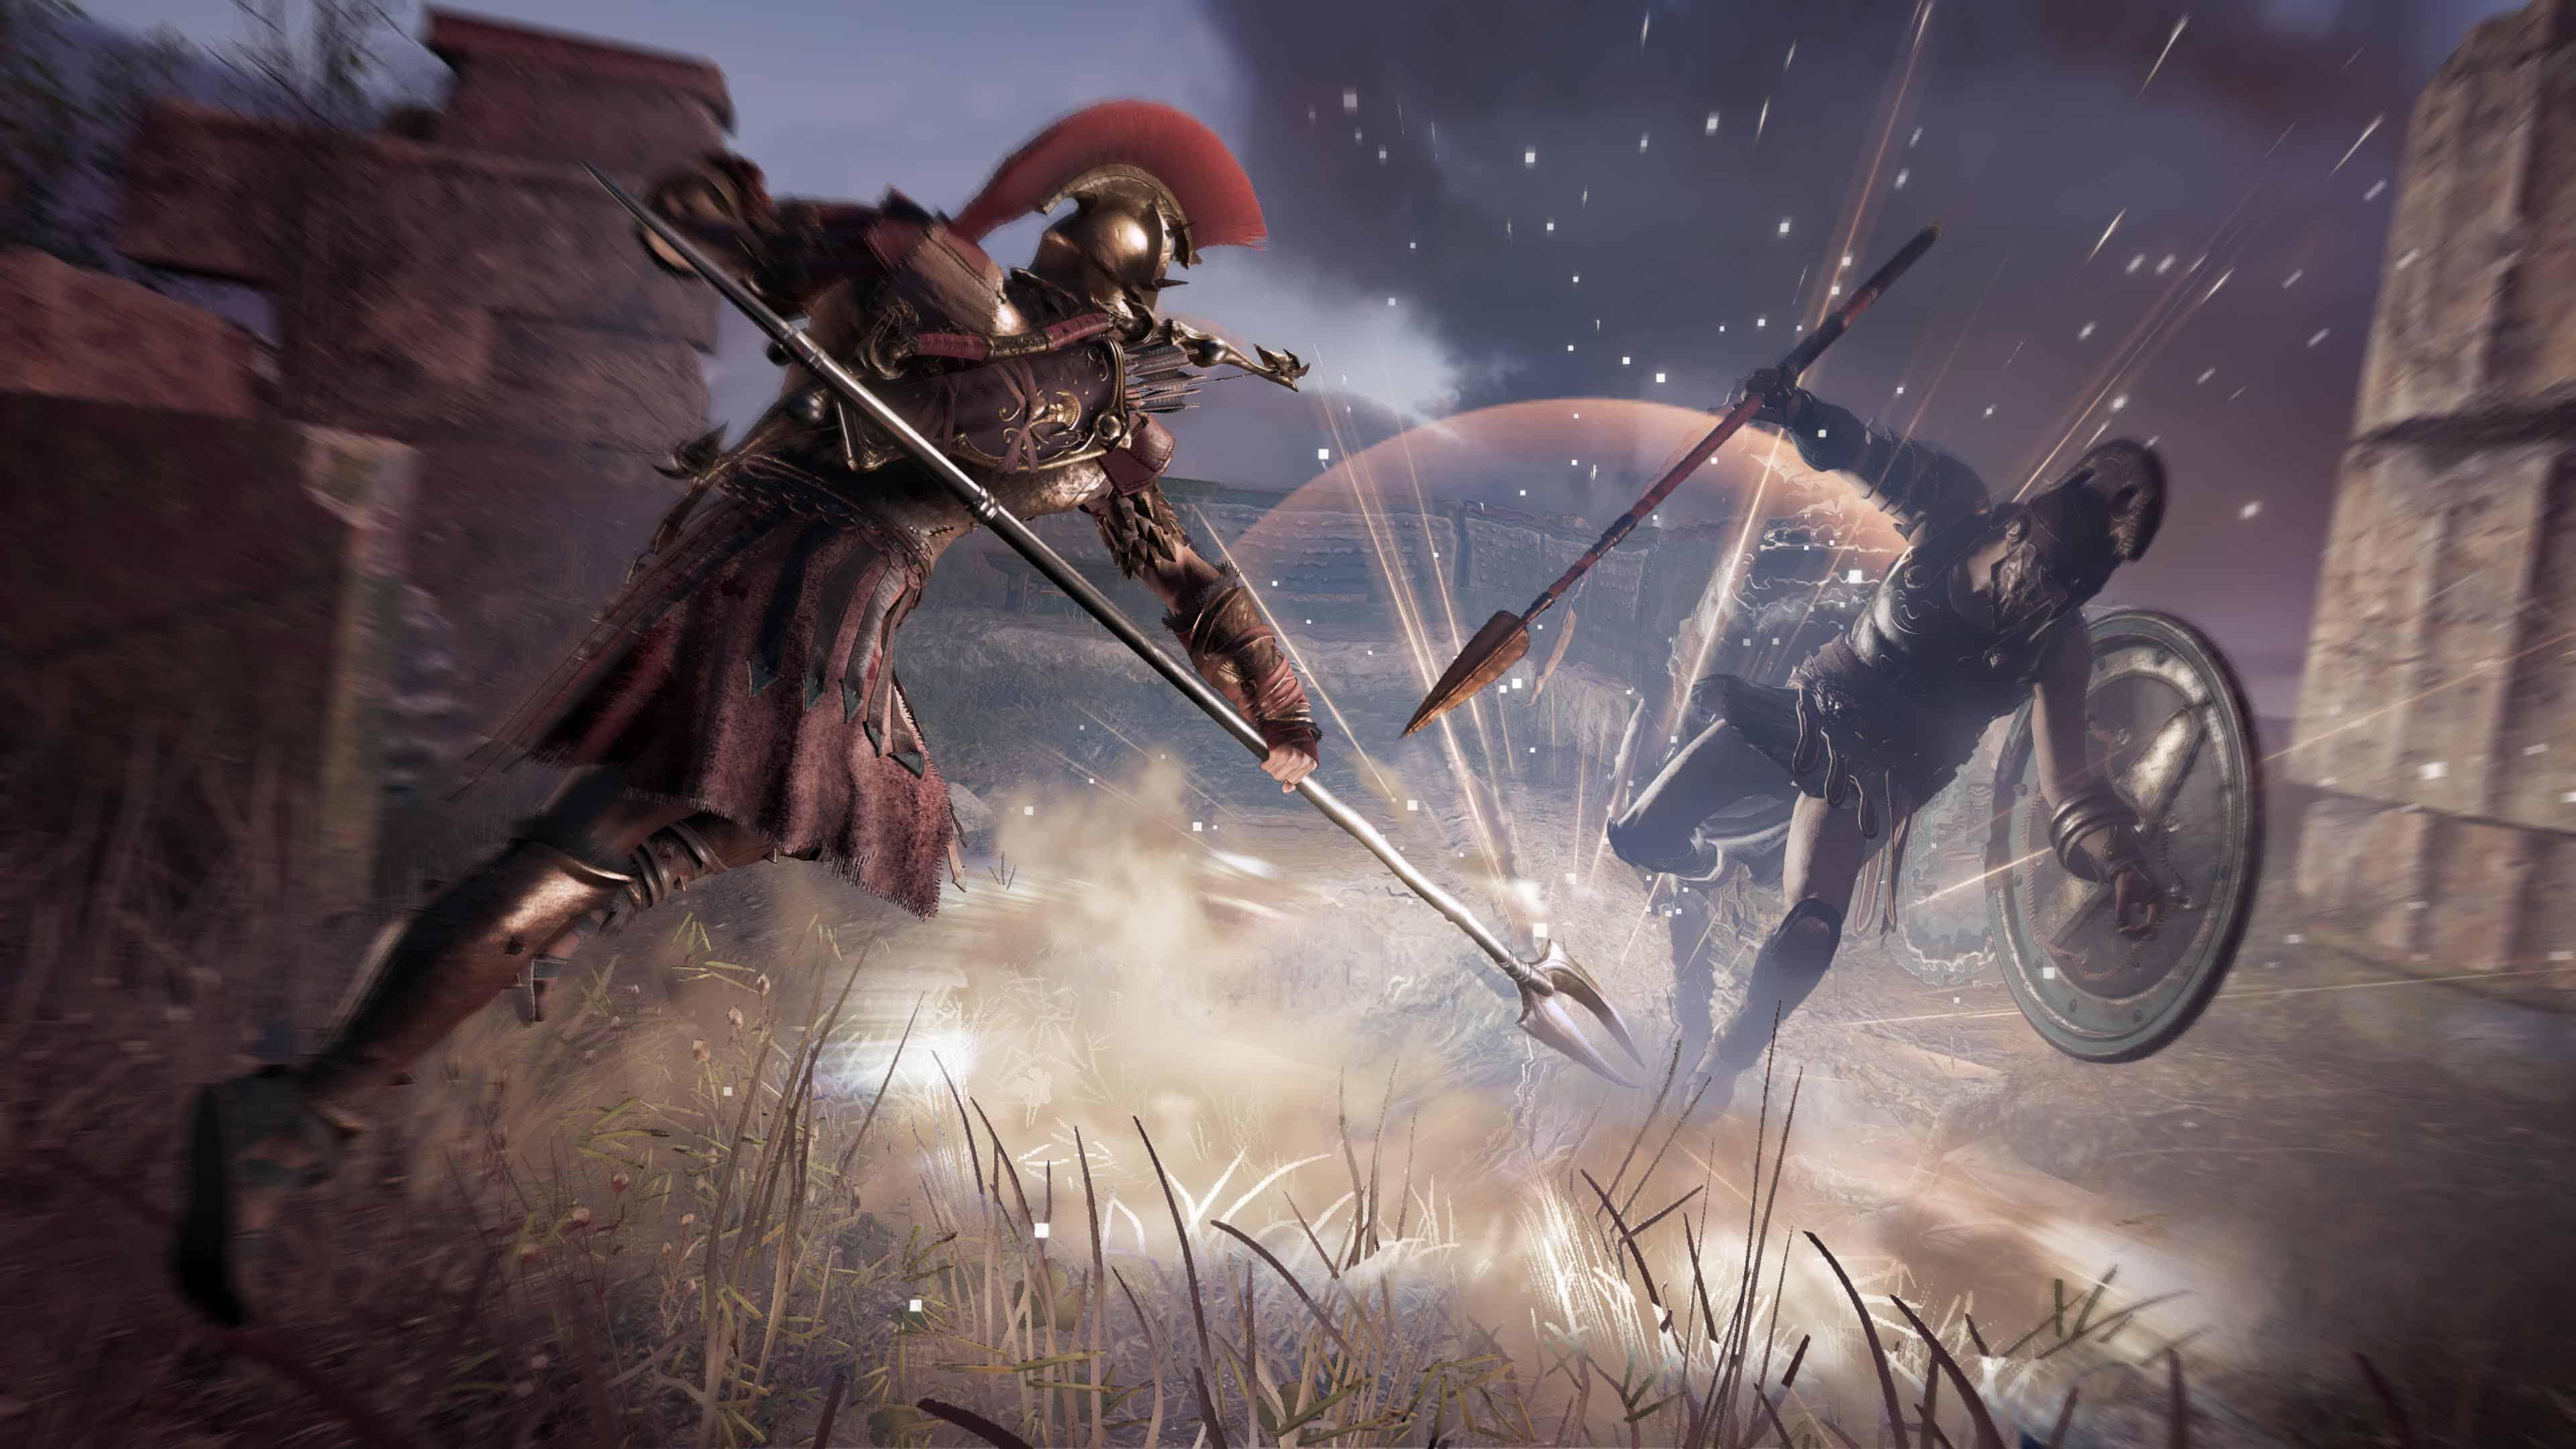 In-game footage. Cenário realizado no Assassin's Creed Odyssey